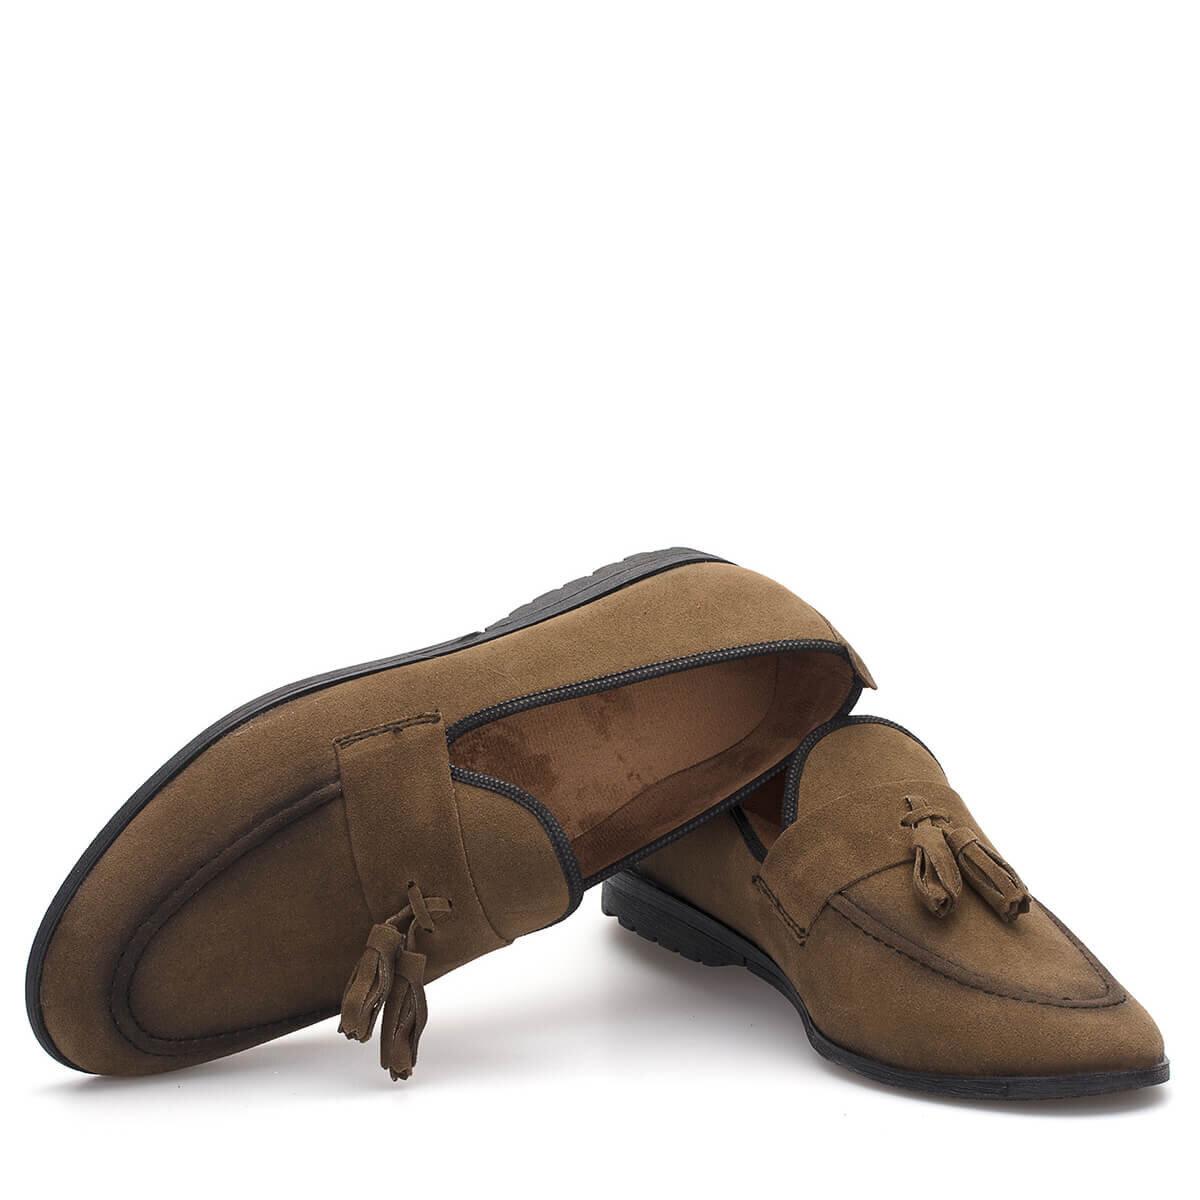 HAKI Erkek Loafer Ayakkabı LFR116HKHKX